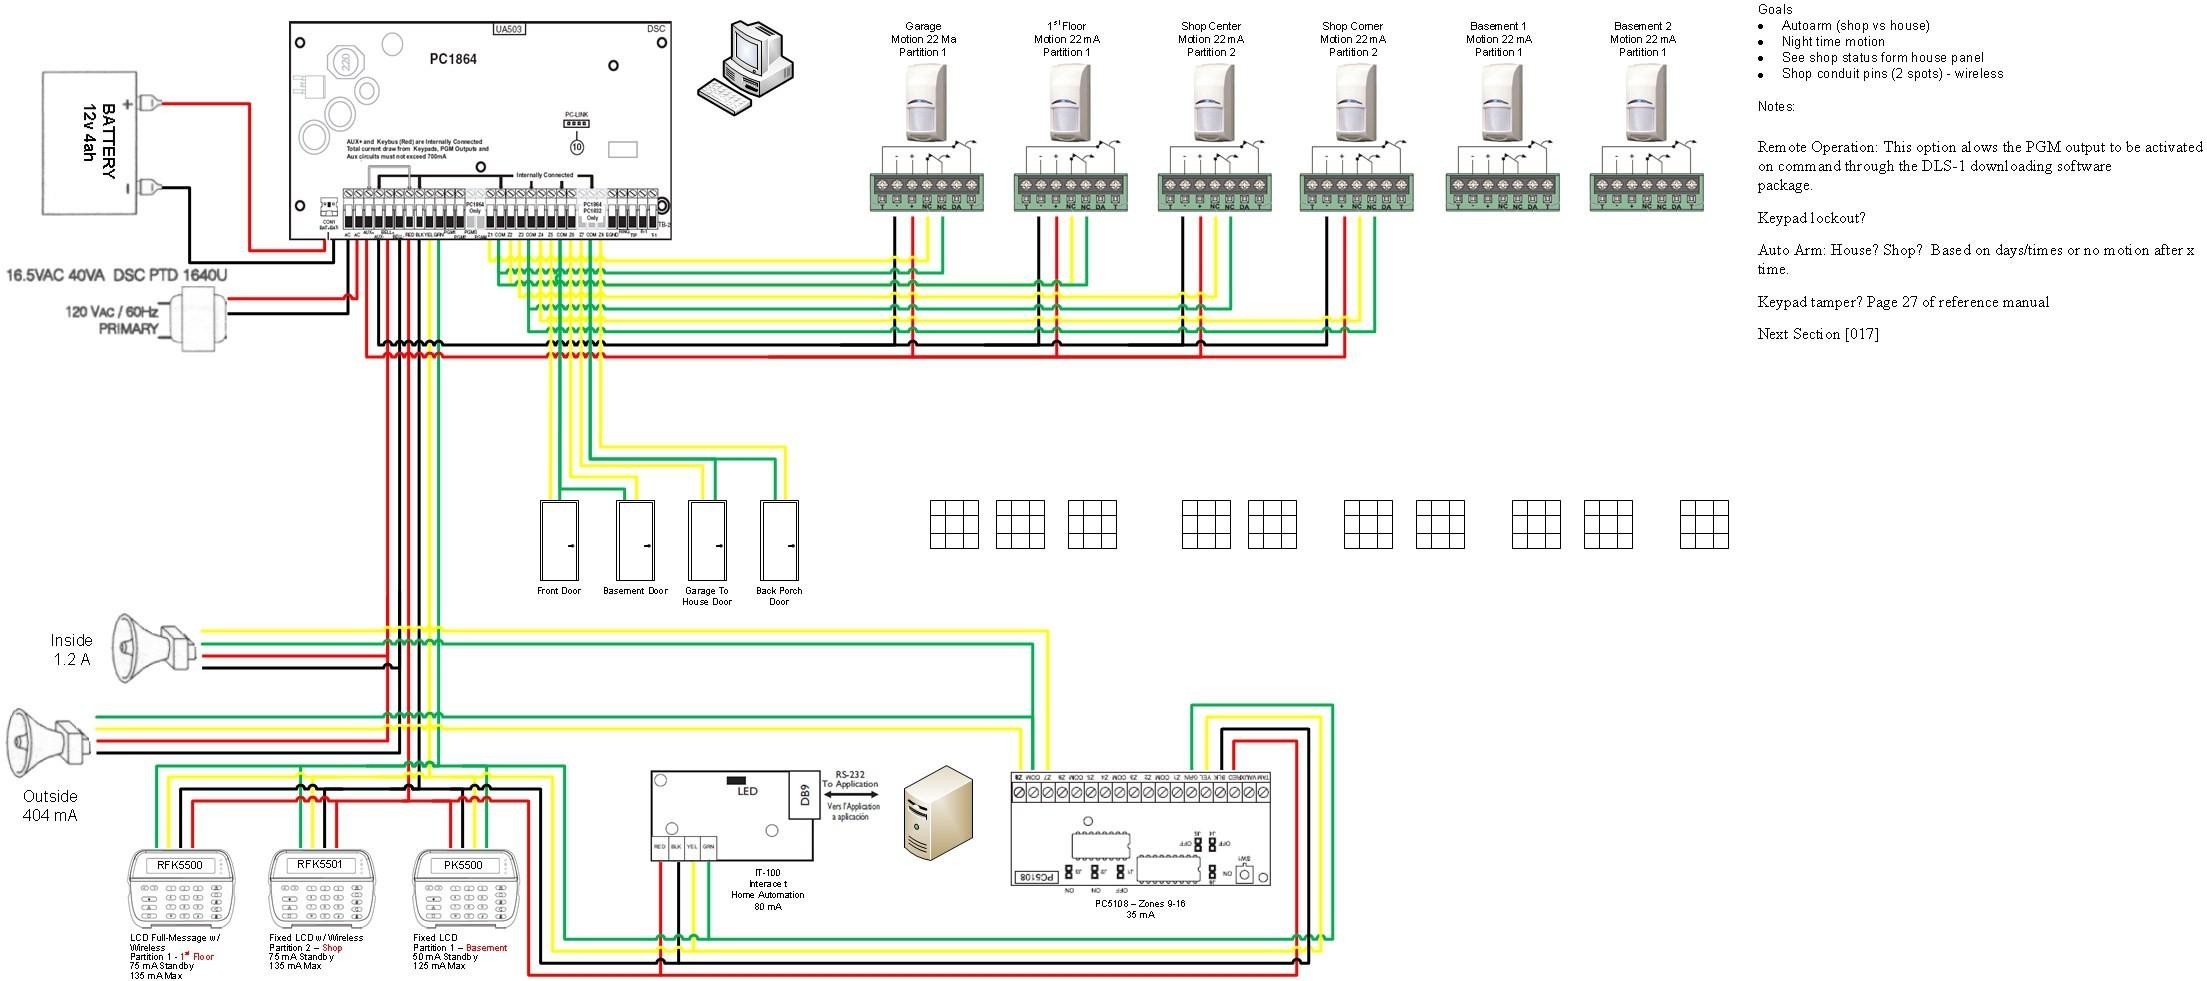 Fire Alarm Wiring Diagram Co Car Alarm Wiring Diagram Get Free Image - Fire alarm wiring diagram